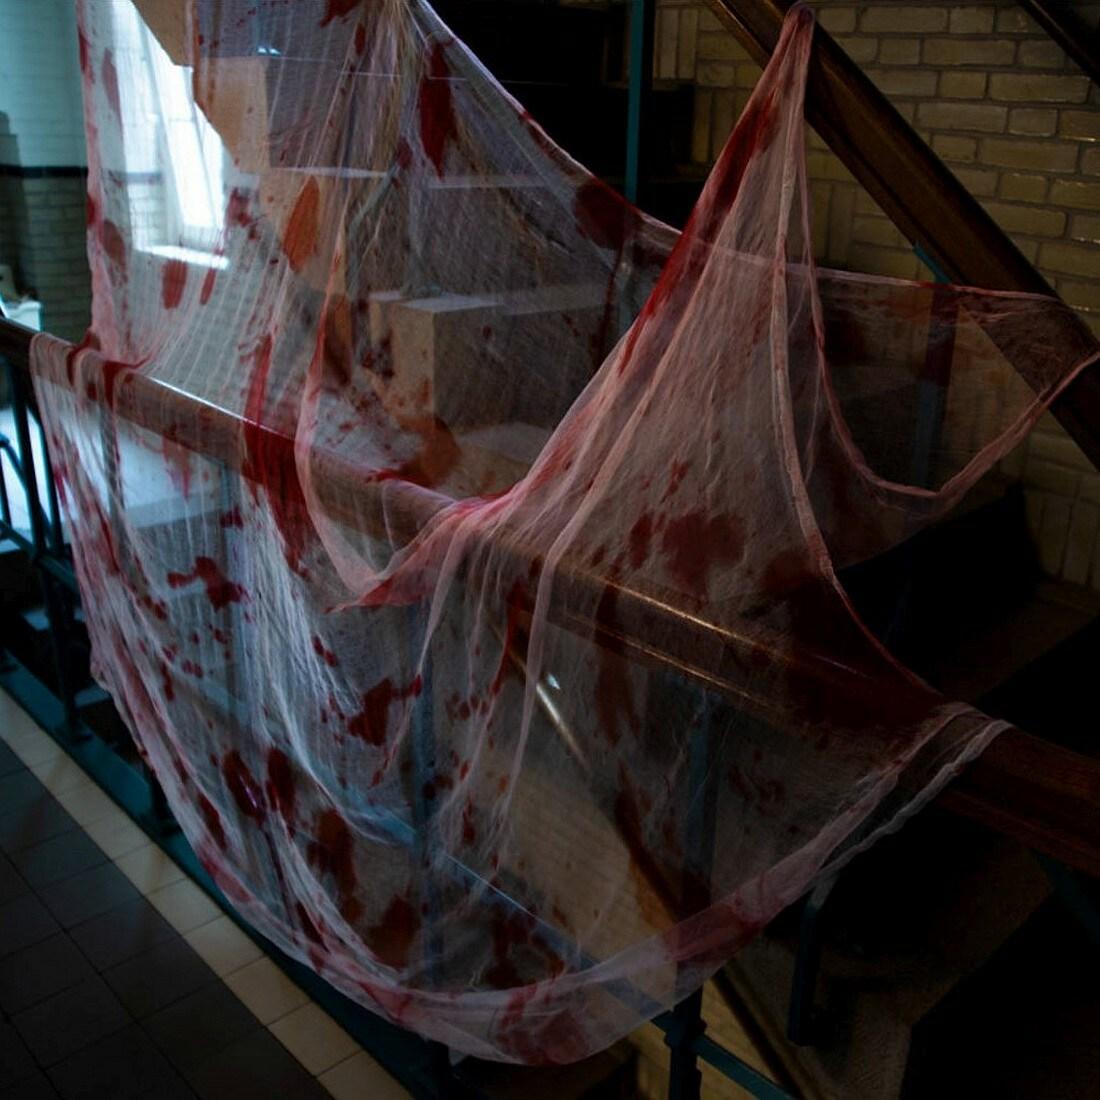 Gruselige Halloween Dekoration Blutiges Tuch Rot Weiss 250x200cm 5 99